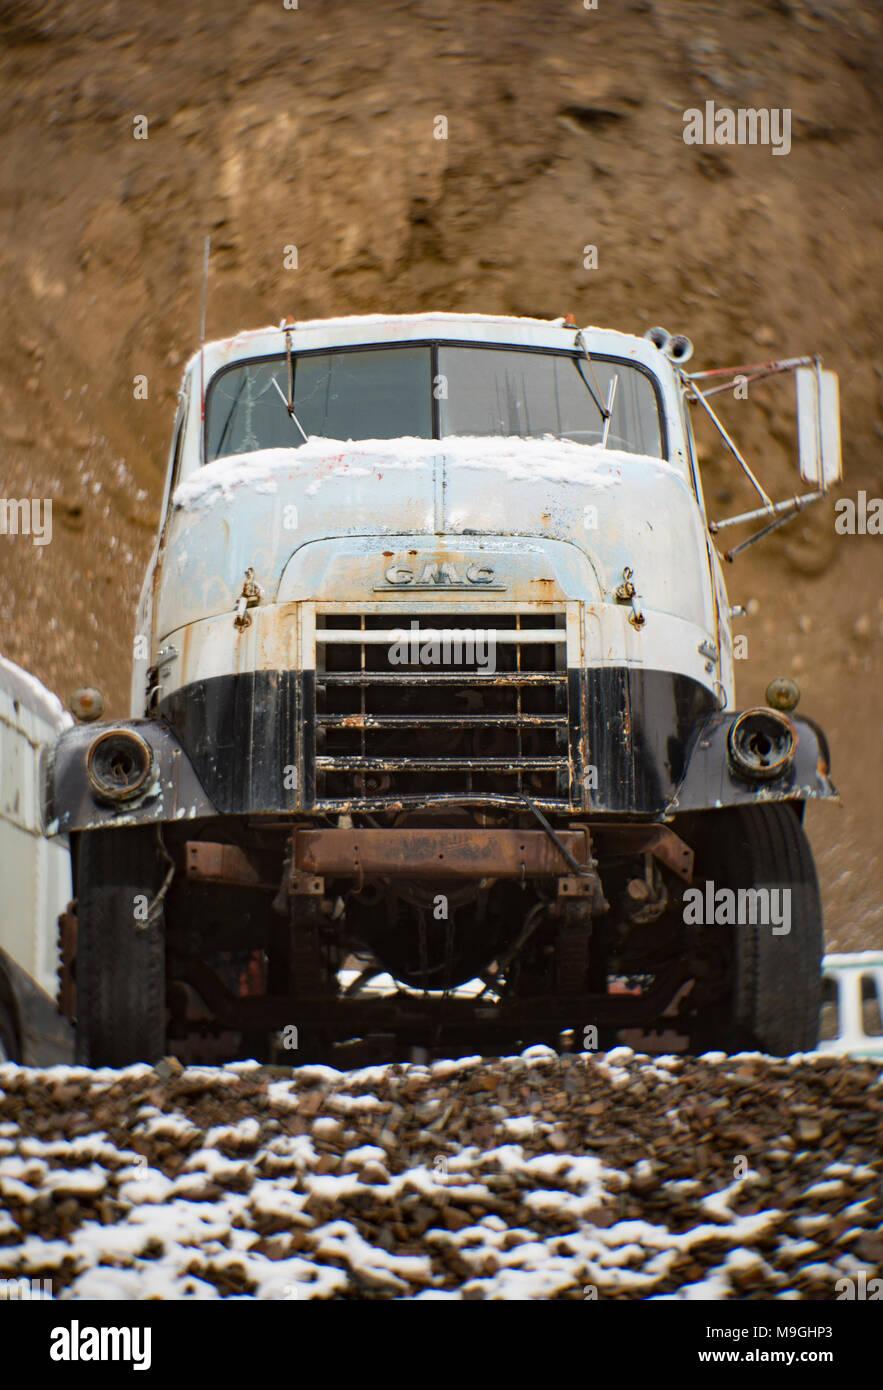 Paso Robles Gmc >> Vintage Gmc Truck Stock Photos & Vintage Gmc Truck Stock ...